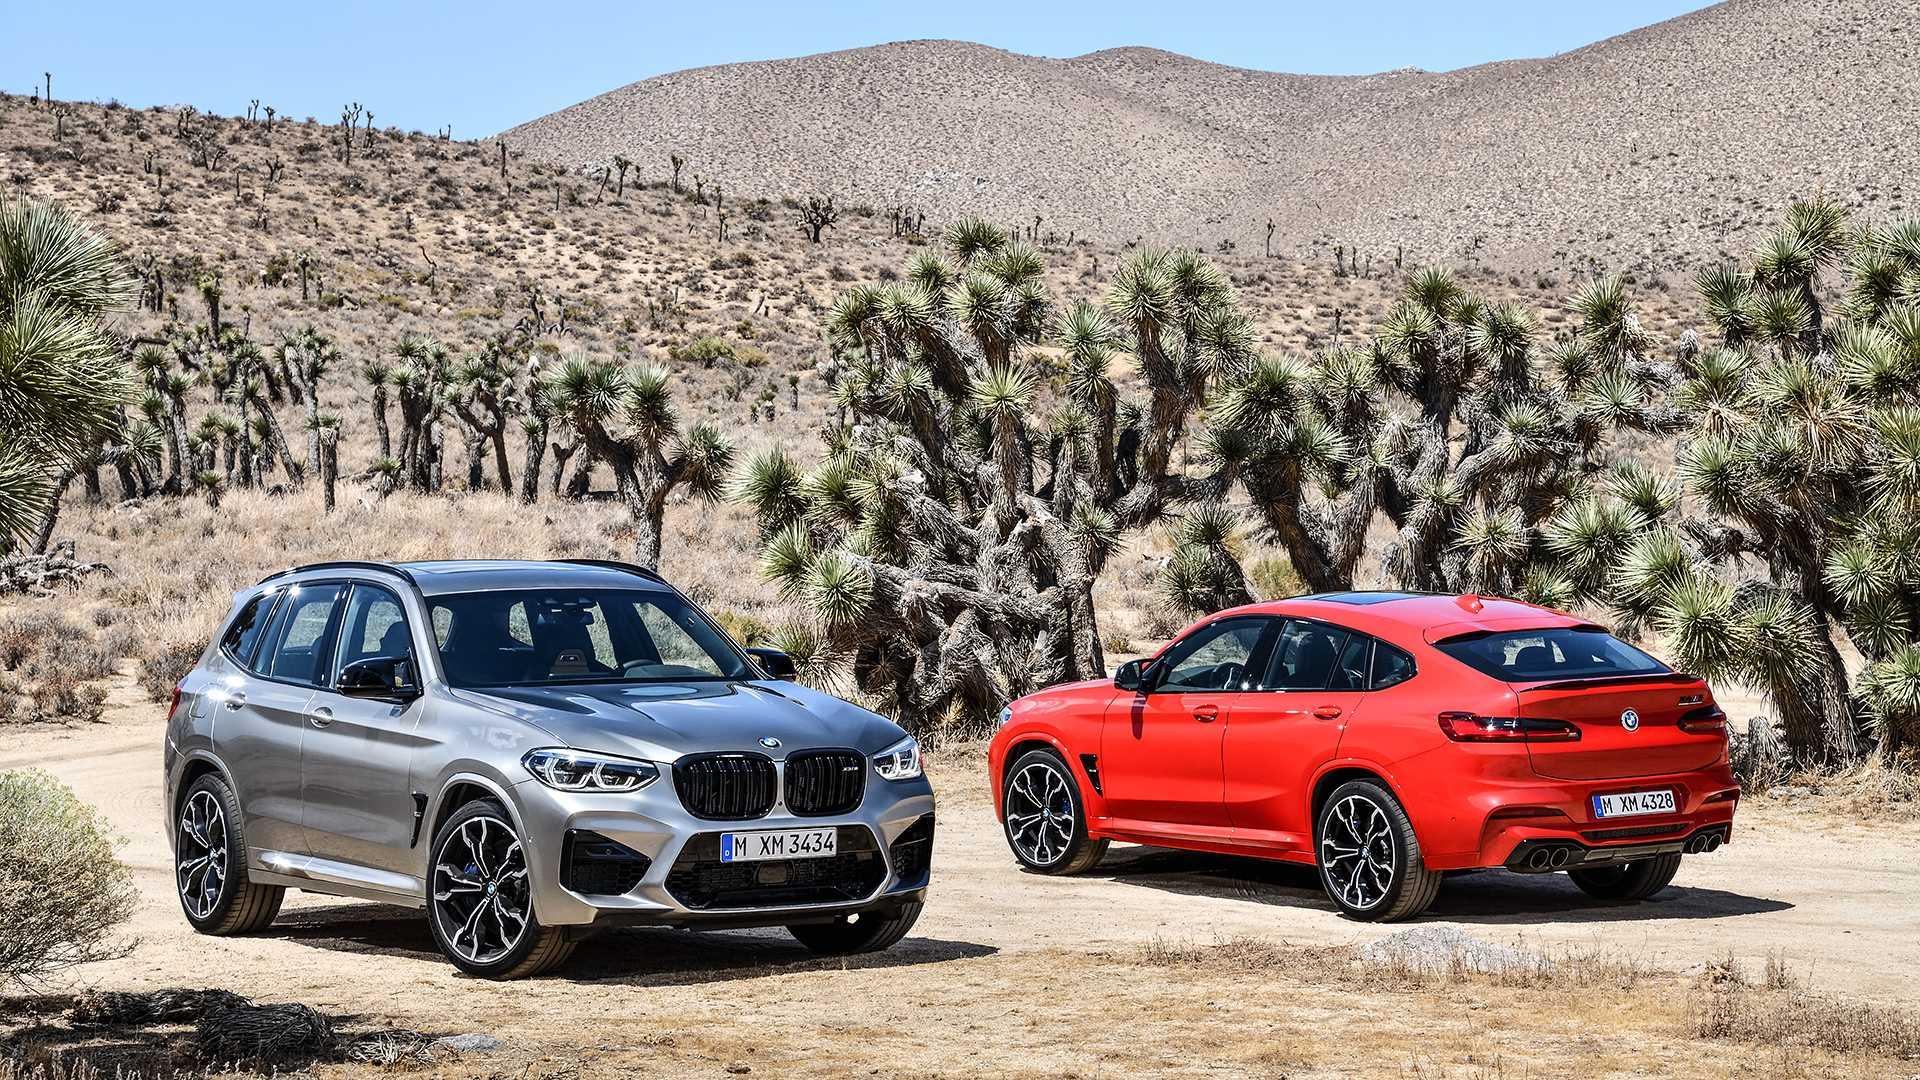 BMW X3 M y X4 M: presentación oficial con versiones Competition